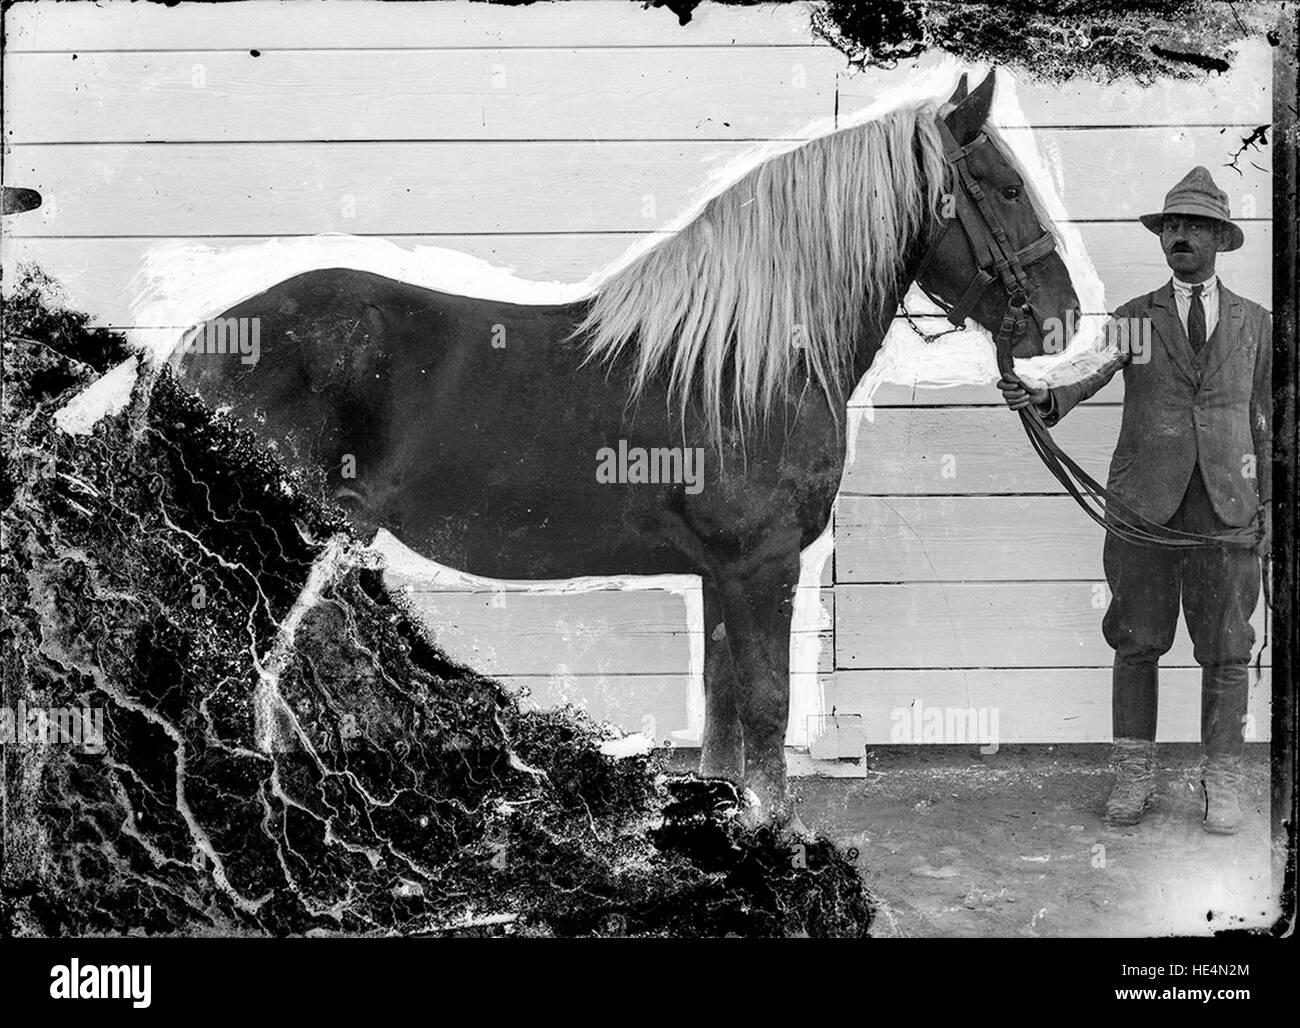 Bărbat cu cal - Stock Image